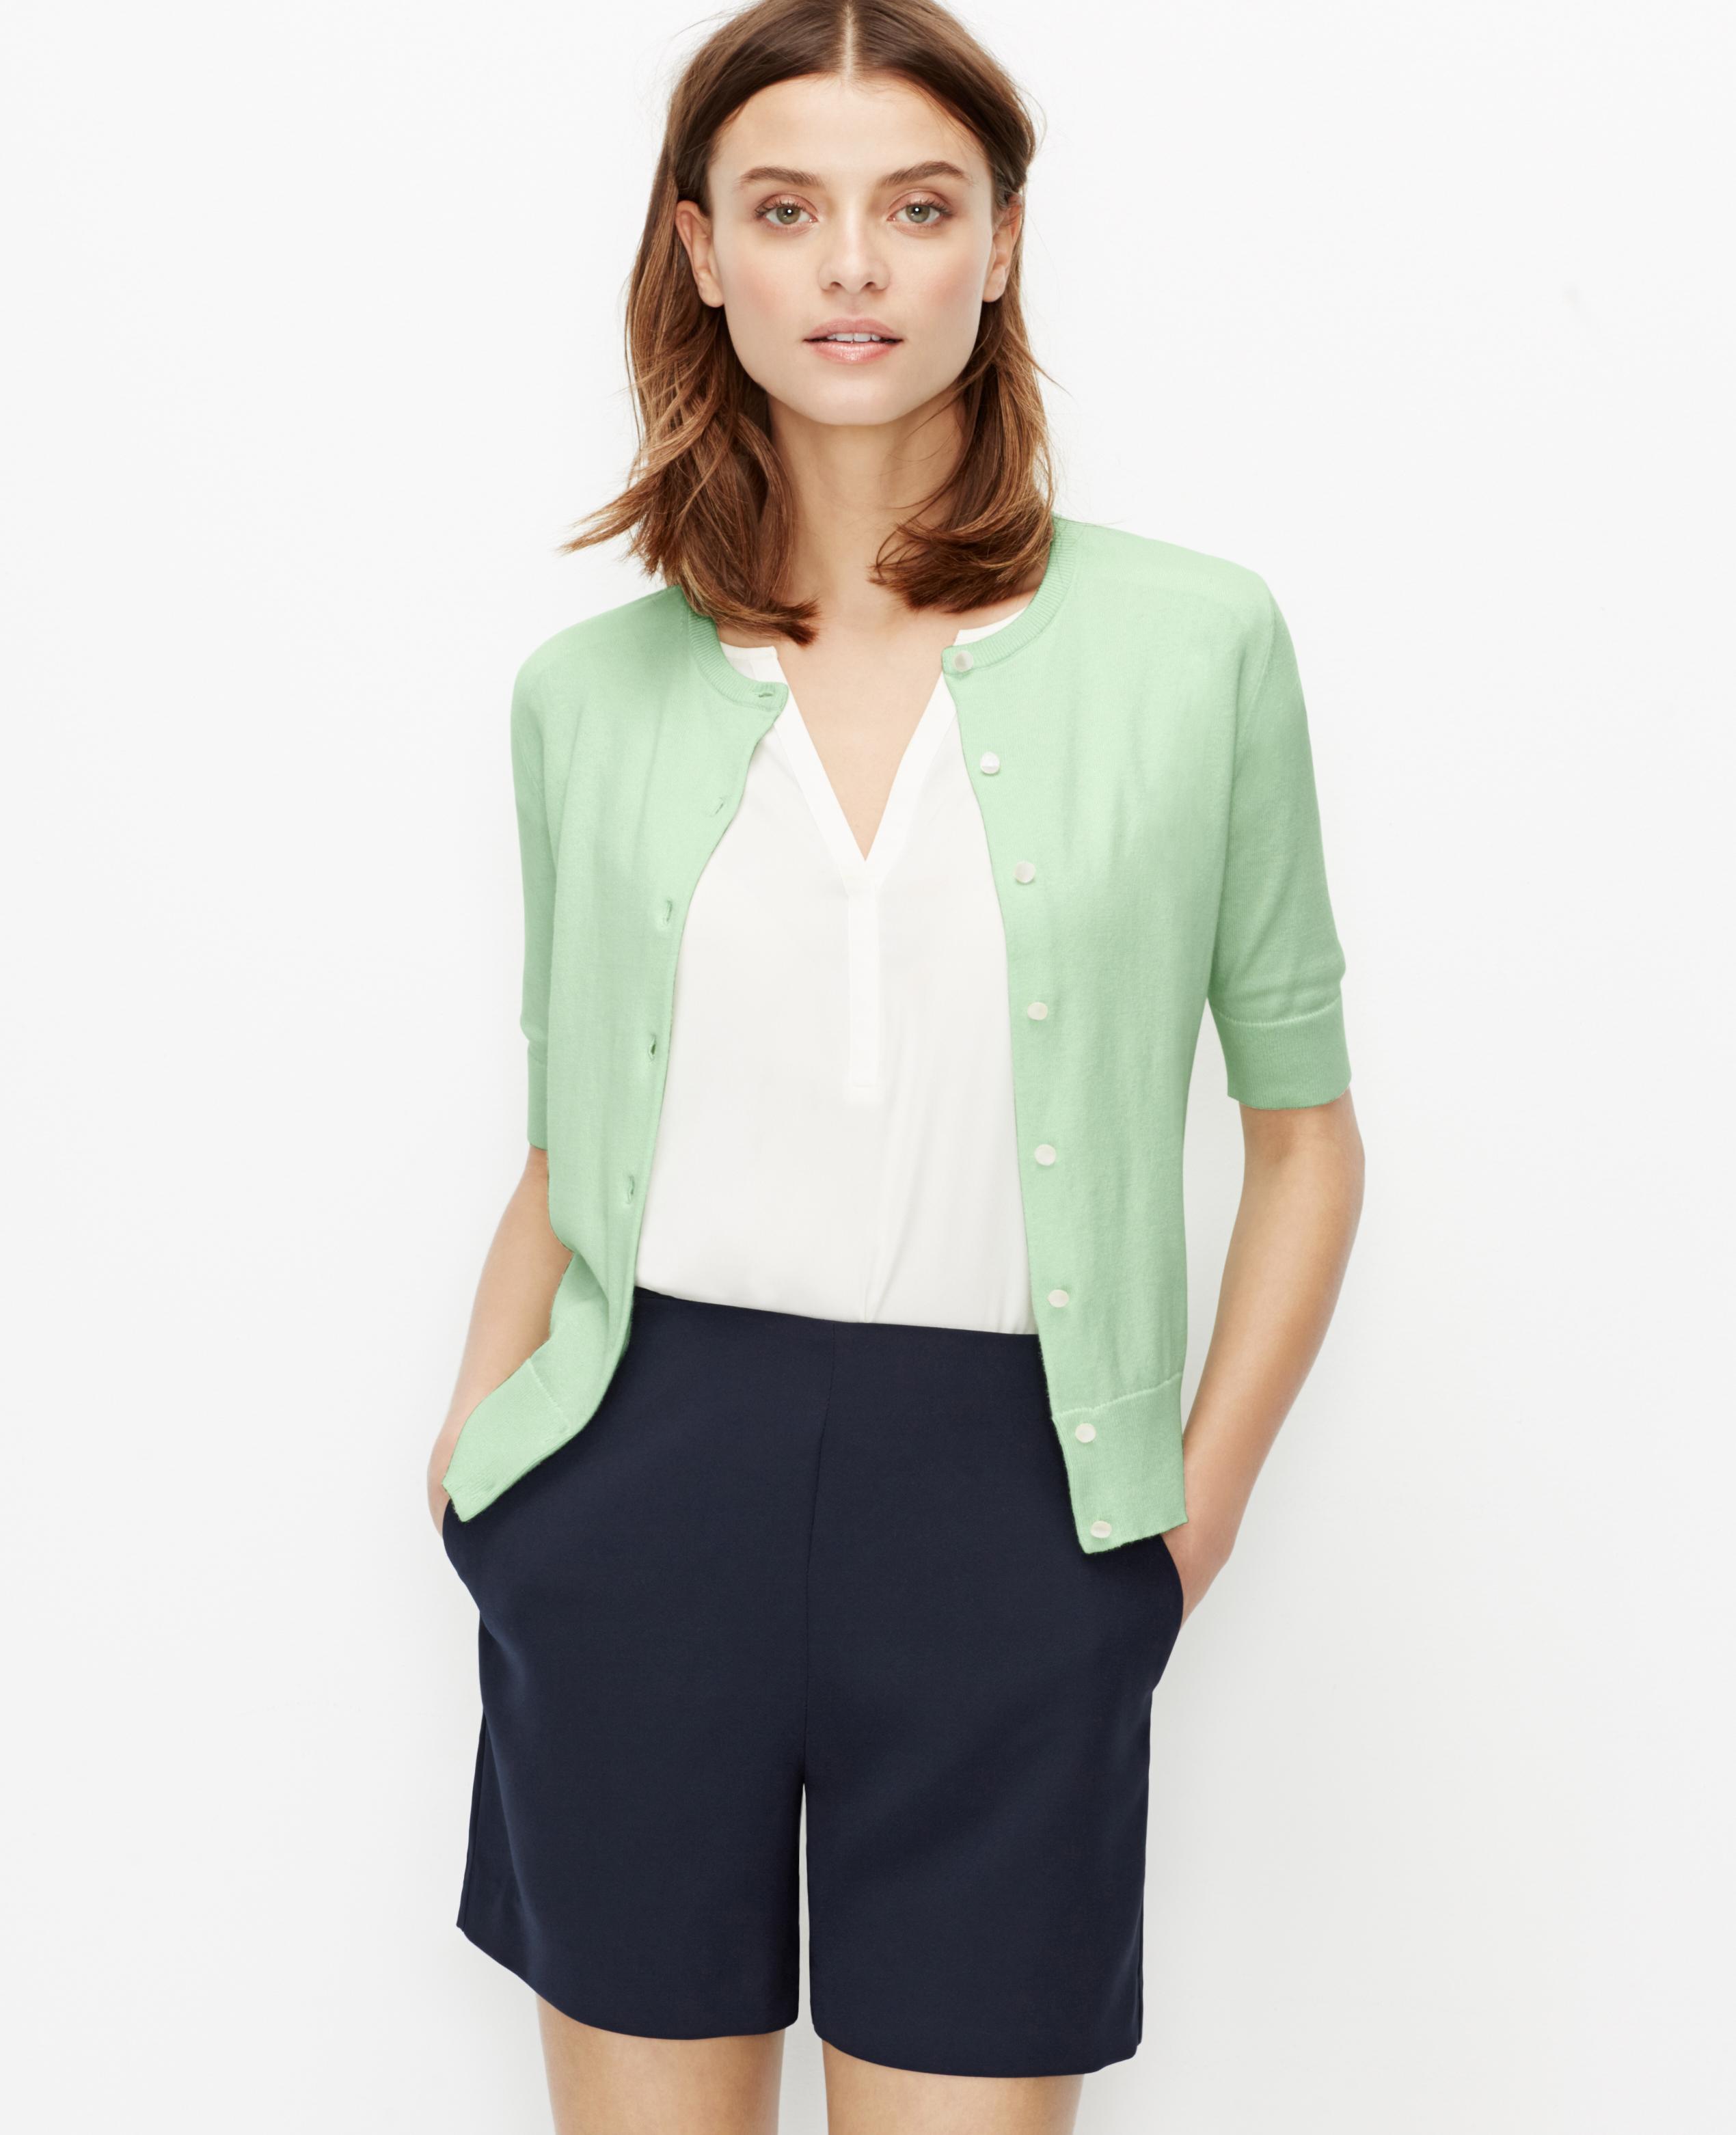 Ann taylor Short Sleeve Ann Cardigan in Green   Lyst